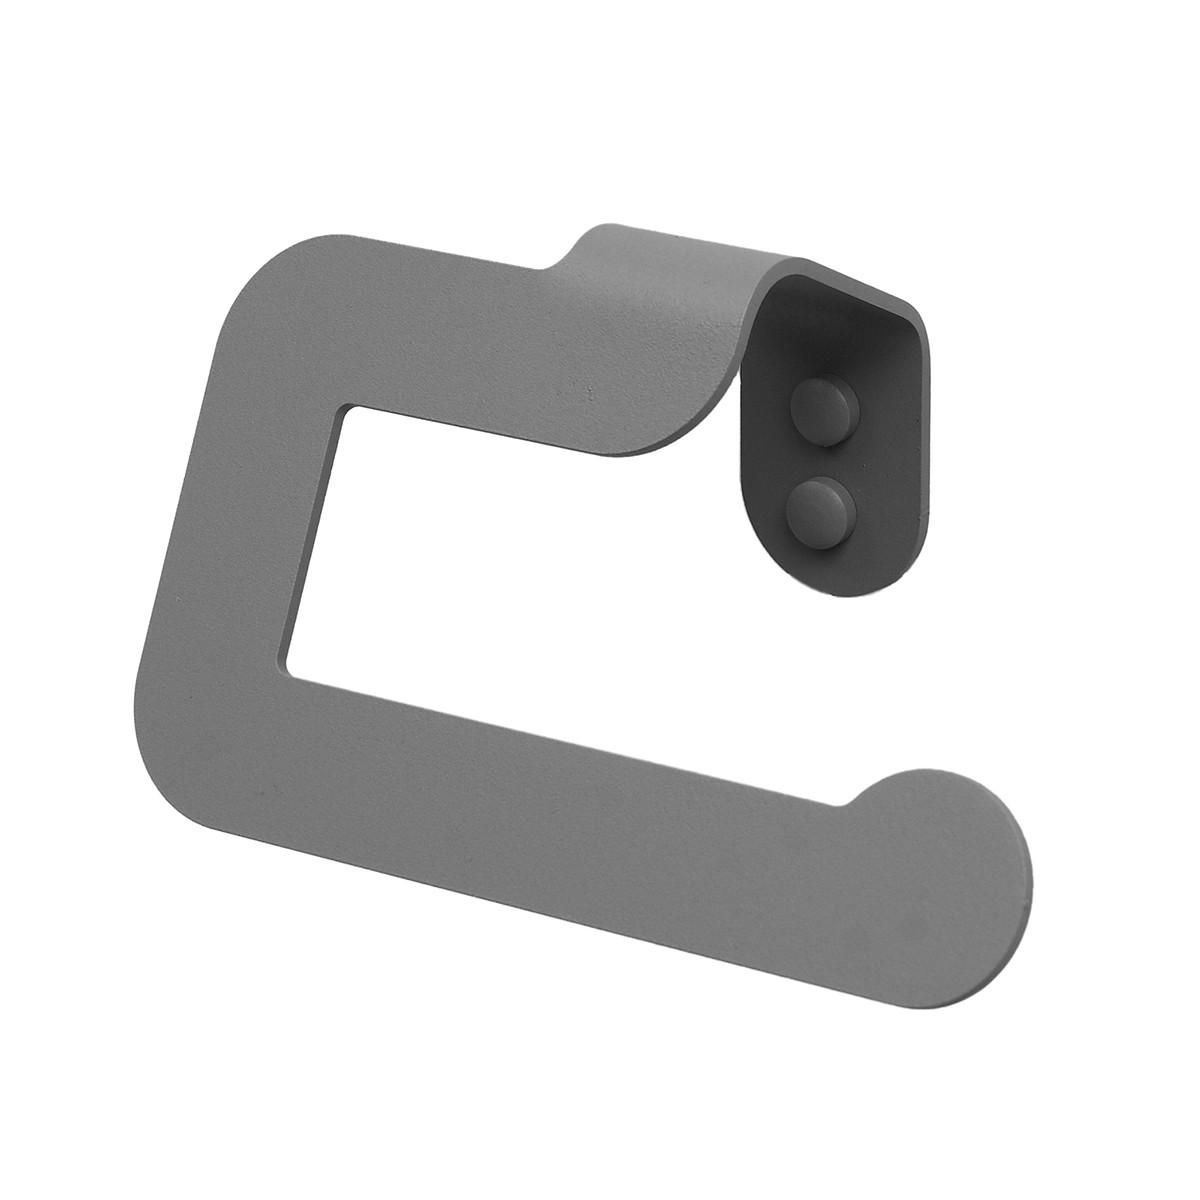 Κρεμάστρα Για Πετσέτα Προσώπου 106163-30 Concrete Grey